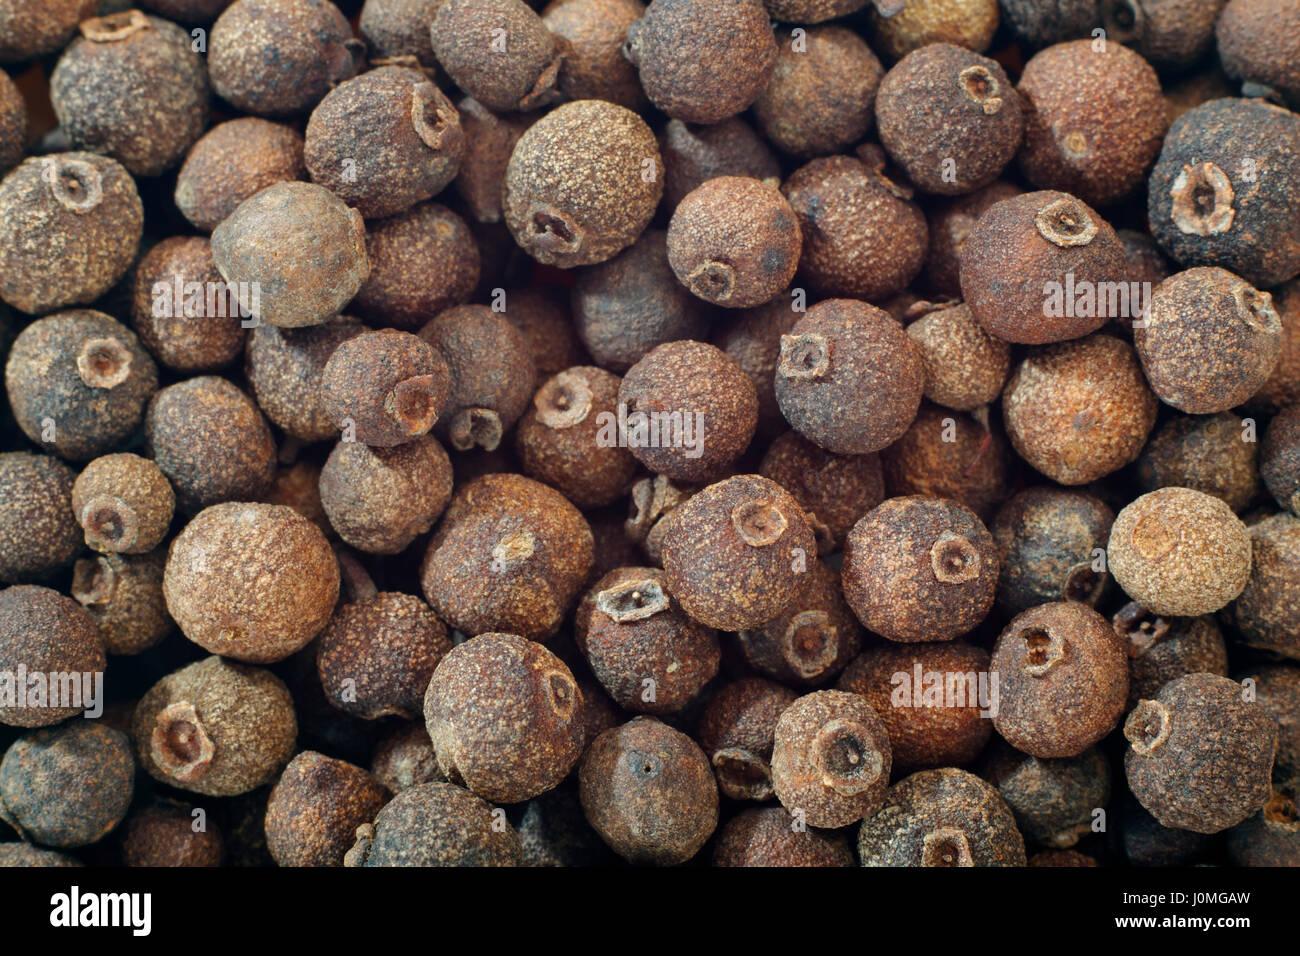 Pimento Pimenta Dioica Imágenes De Stock & Pimento Pimenta Dioica ...